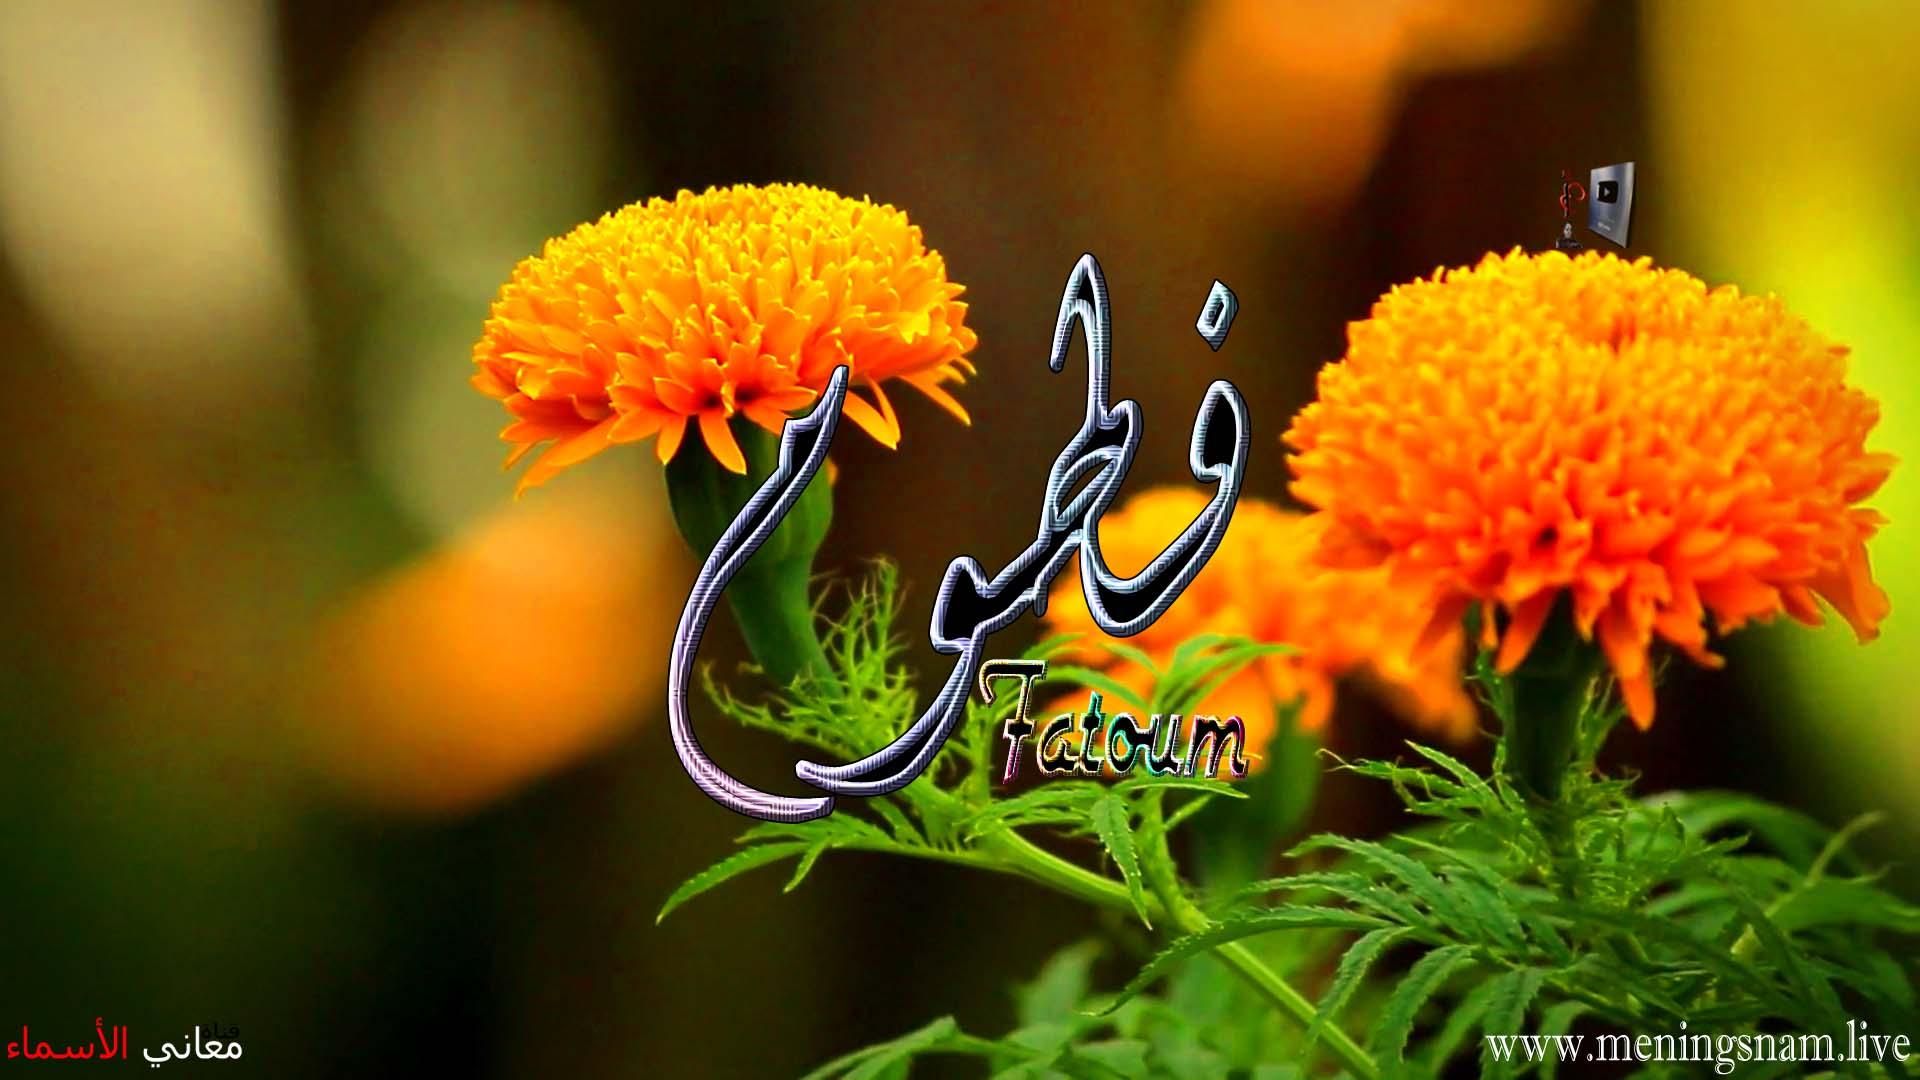 معنى اسم فطوم وصفات حاملة هذا الاسم Fatoum